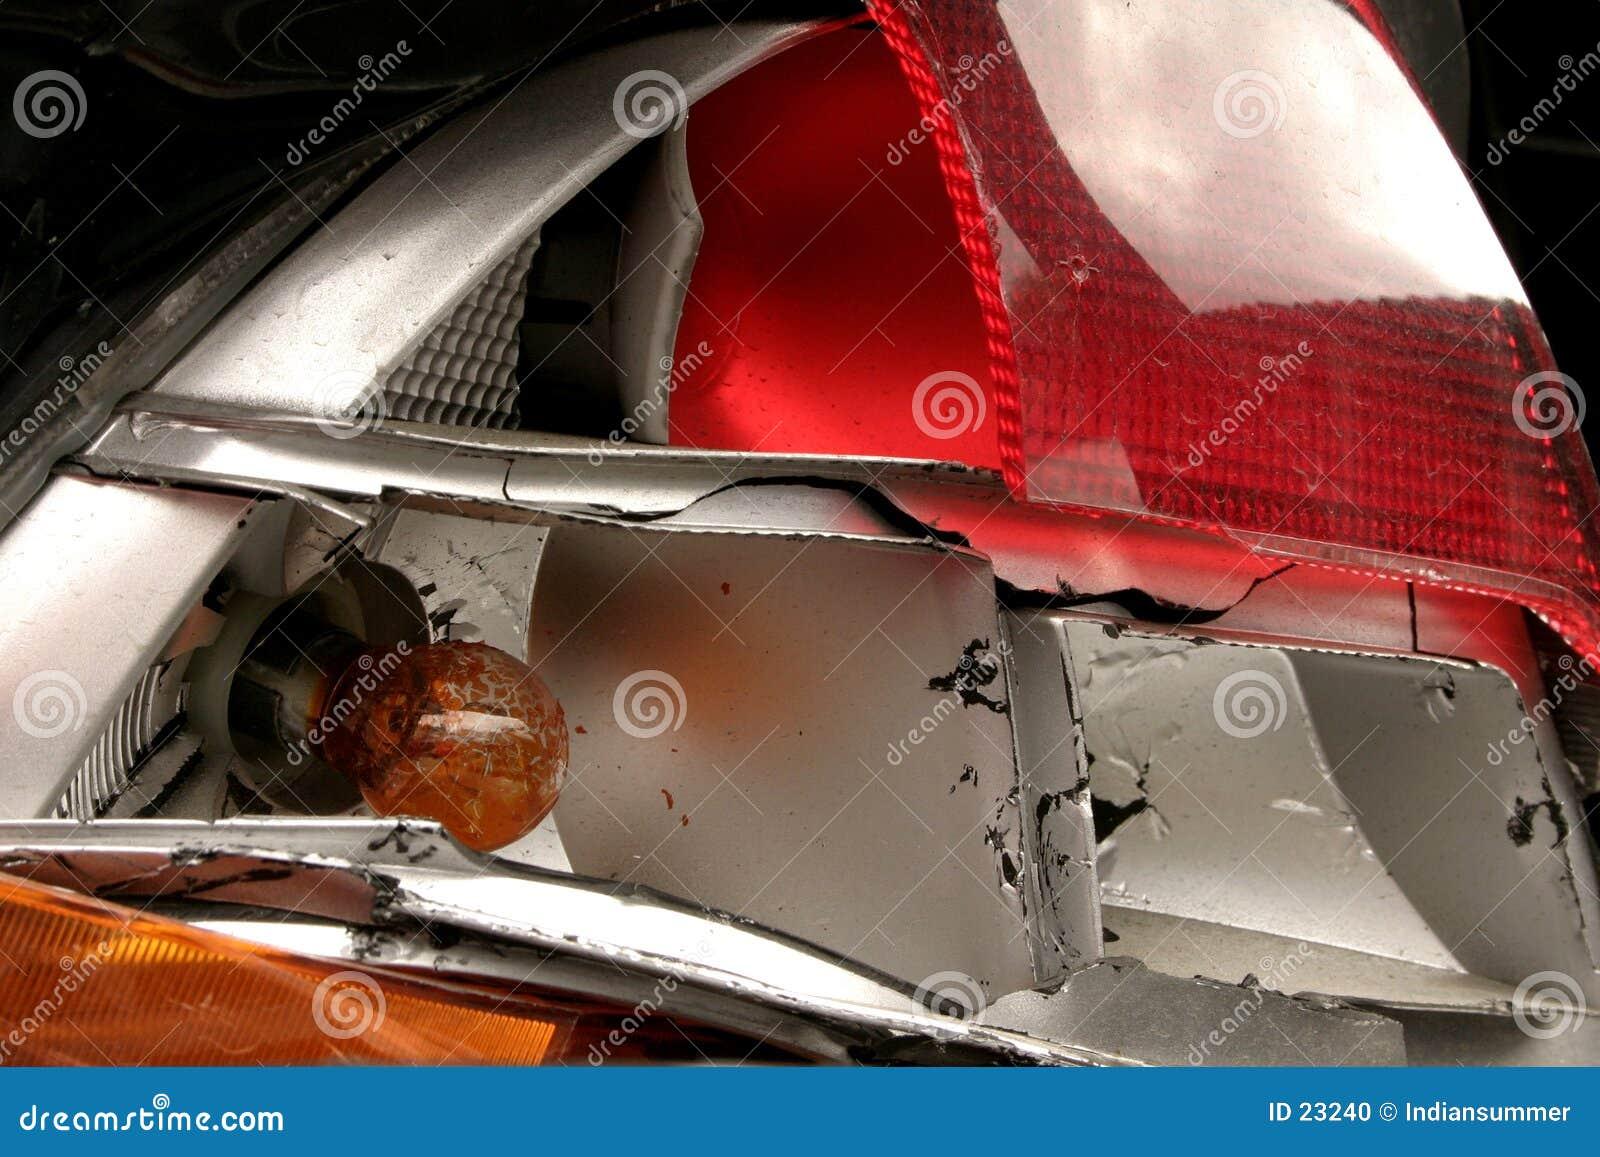 After accident V